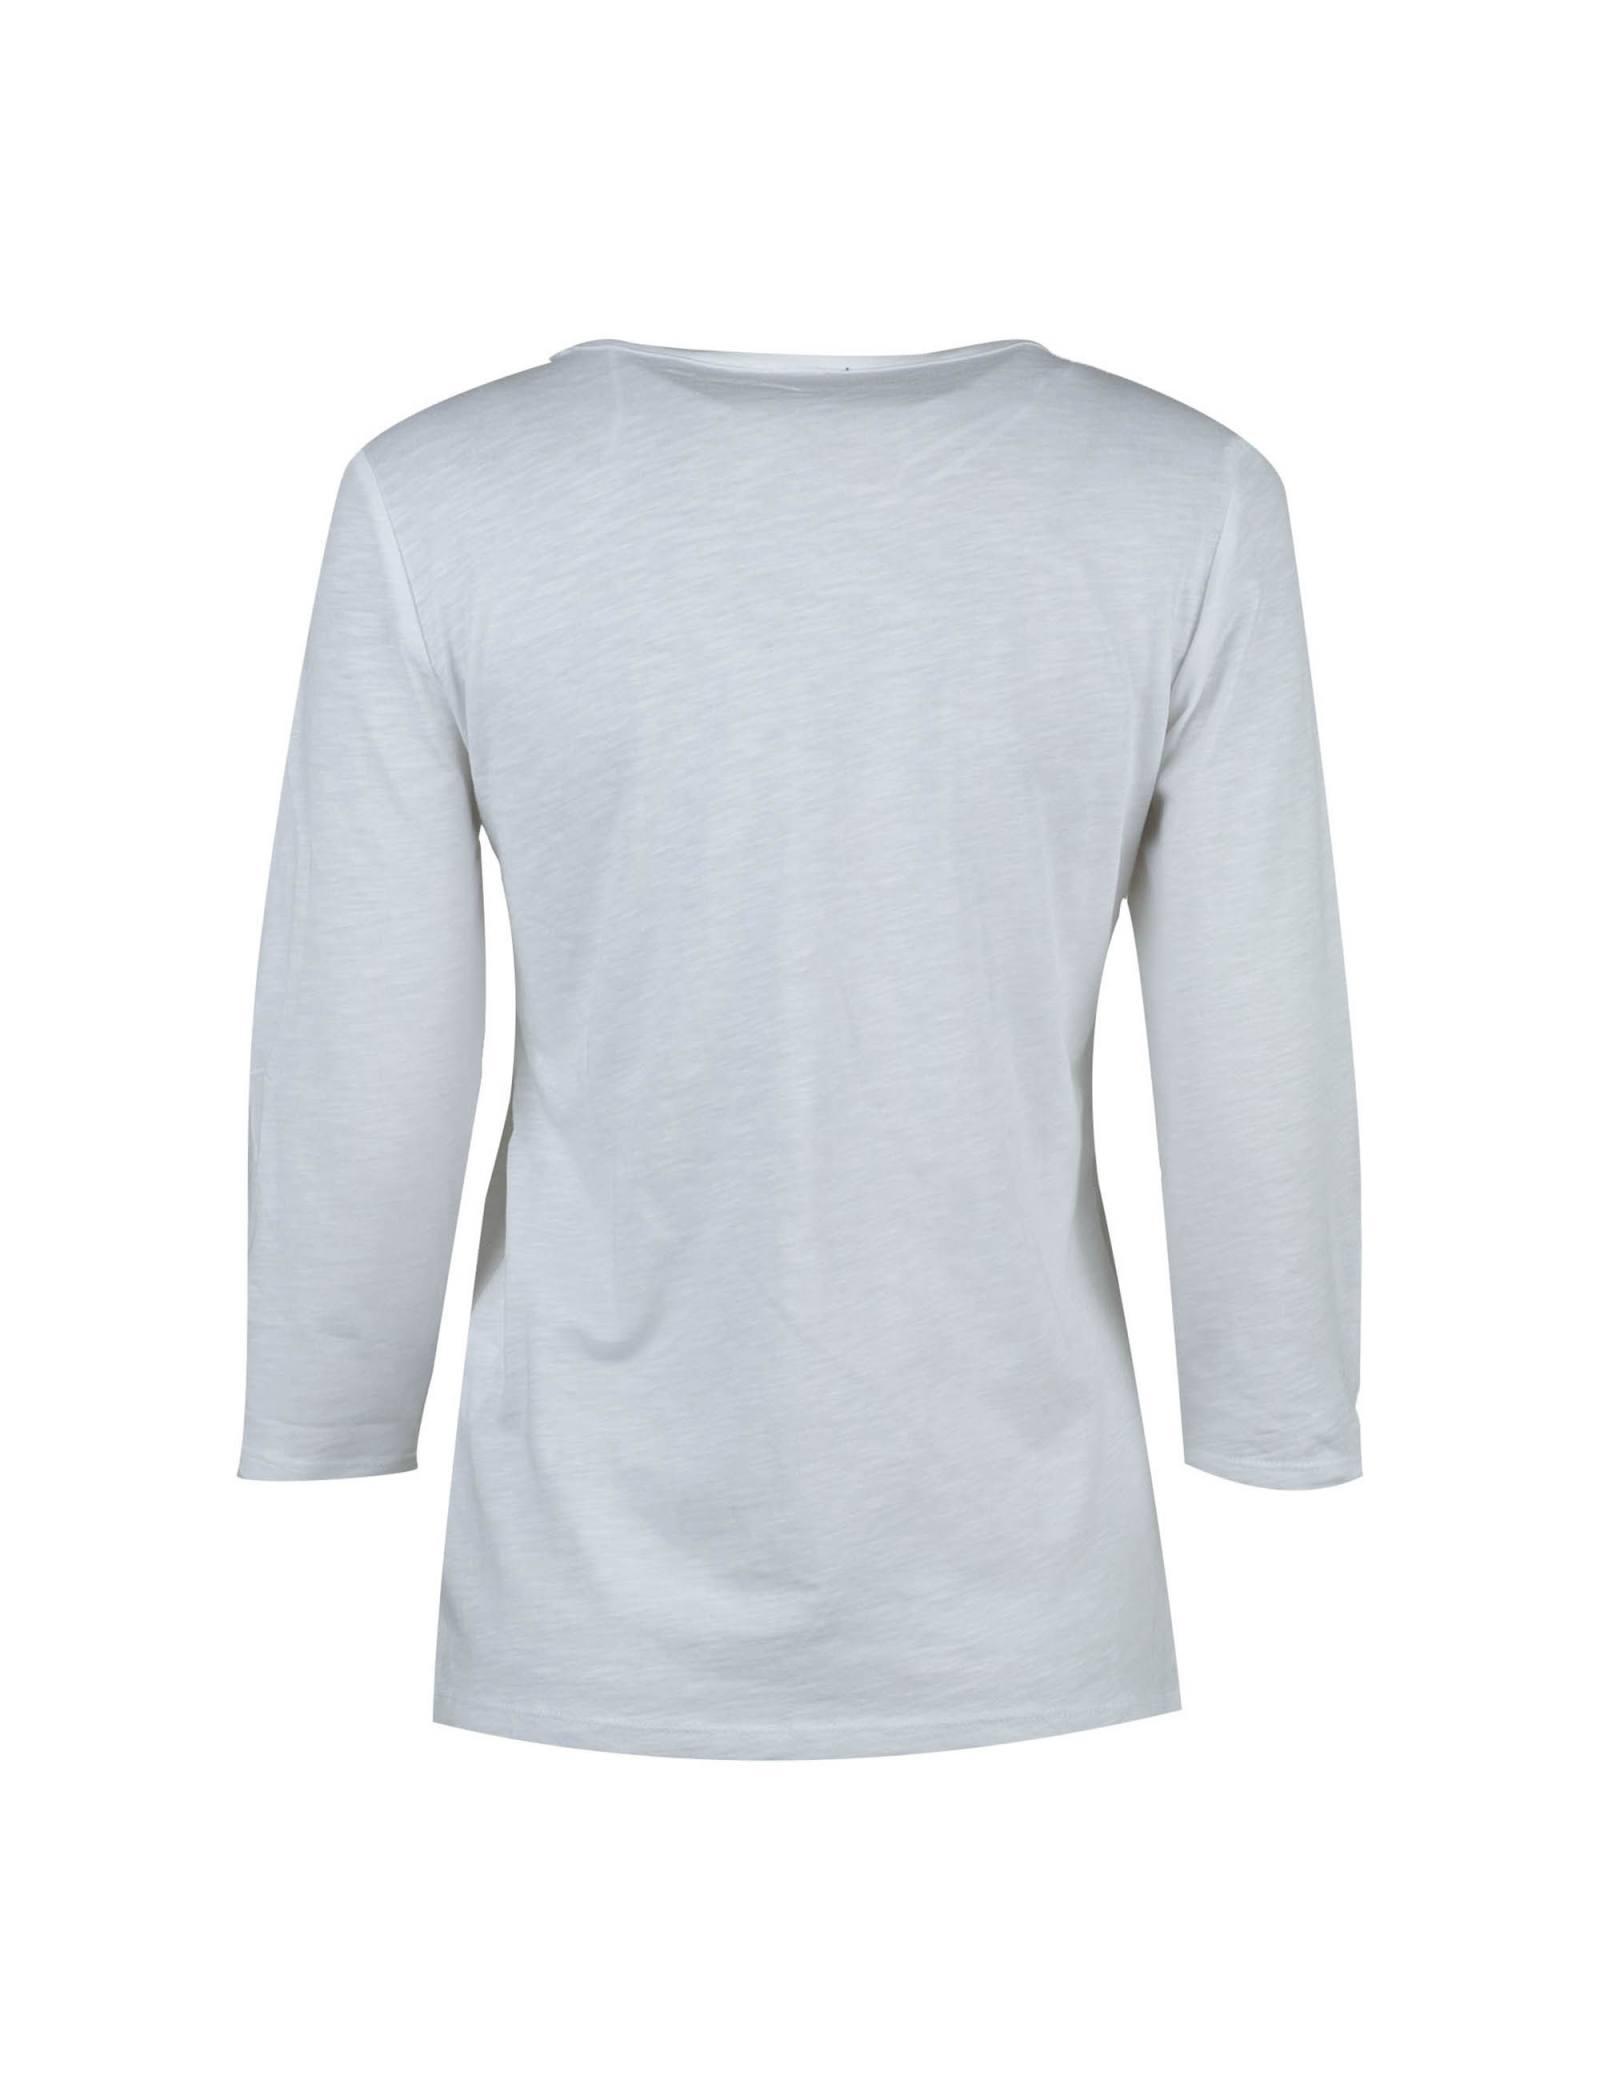 تی شرت نخی یقه گرد زنانه - یوپیم - سفيد - 3